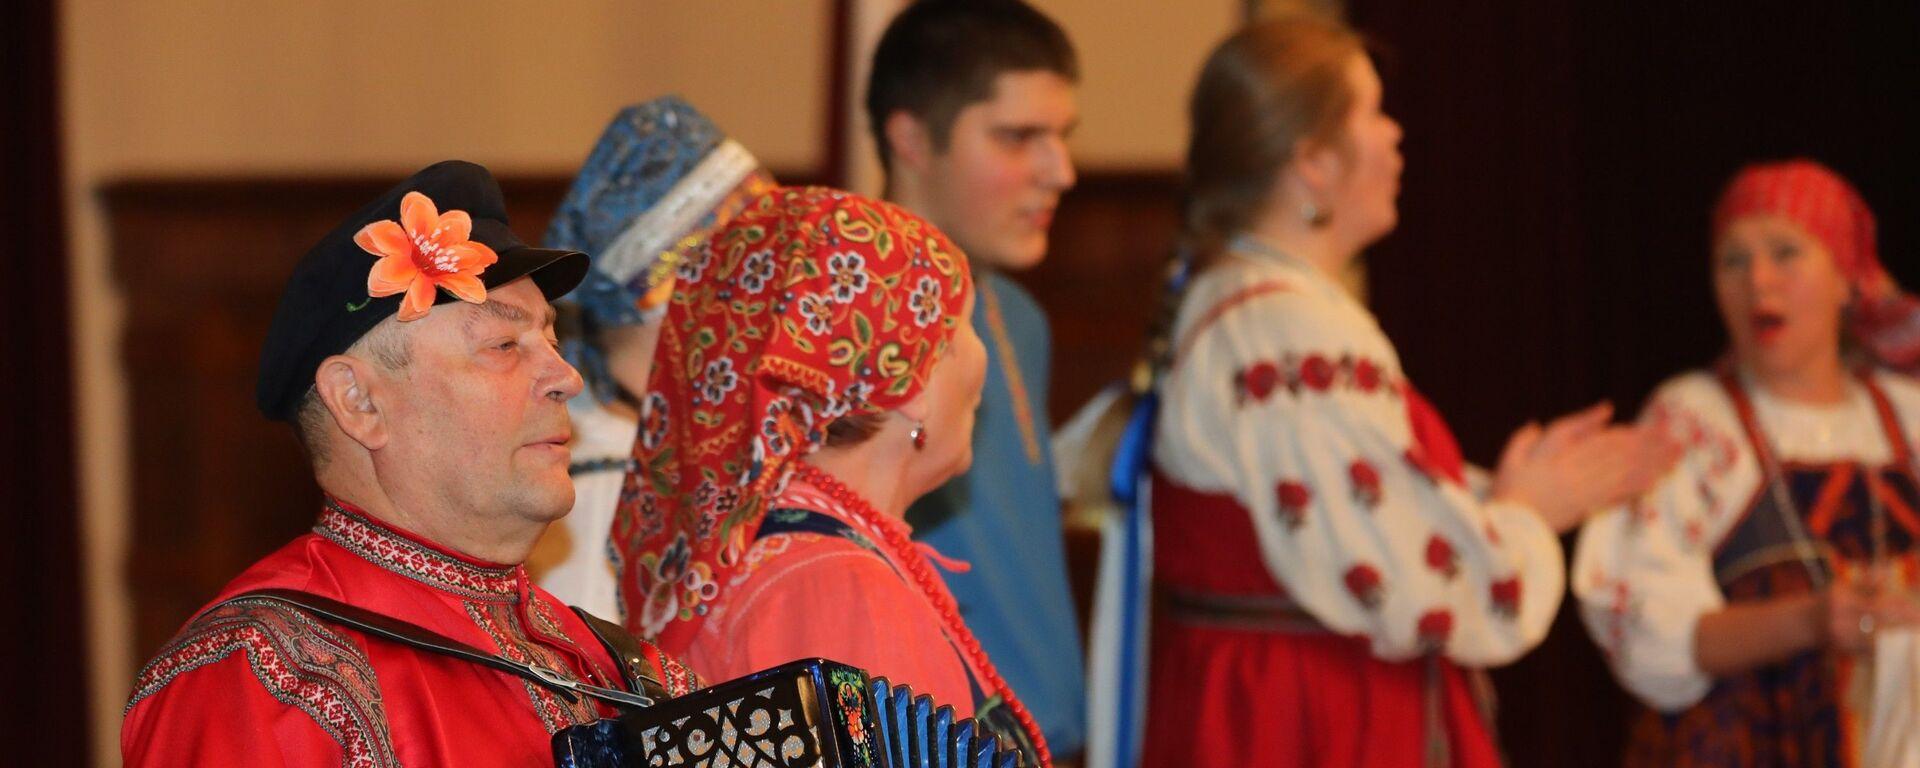 Латвийский форум национальных меньшинств в 2018 году, русская кухня и русские песни - Sputnik Латвия, 1920, 17.02.2019